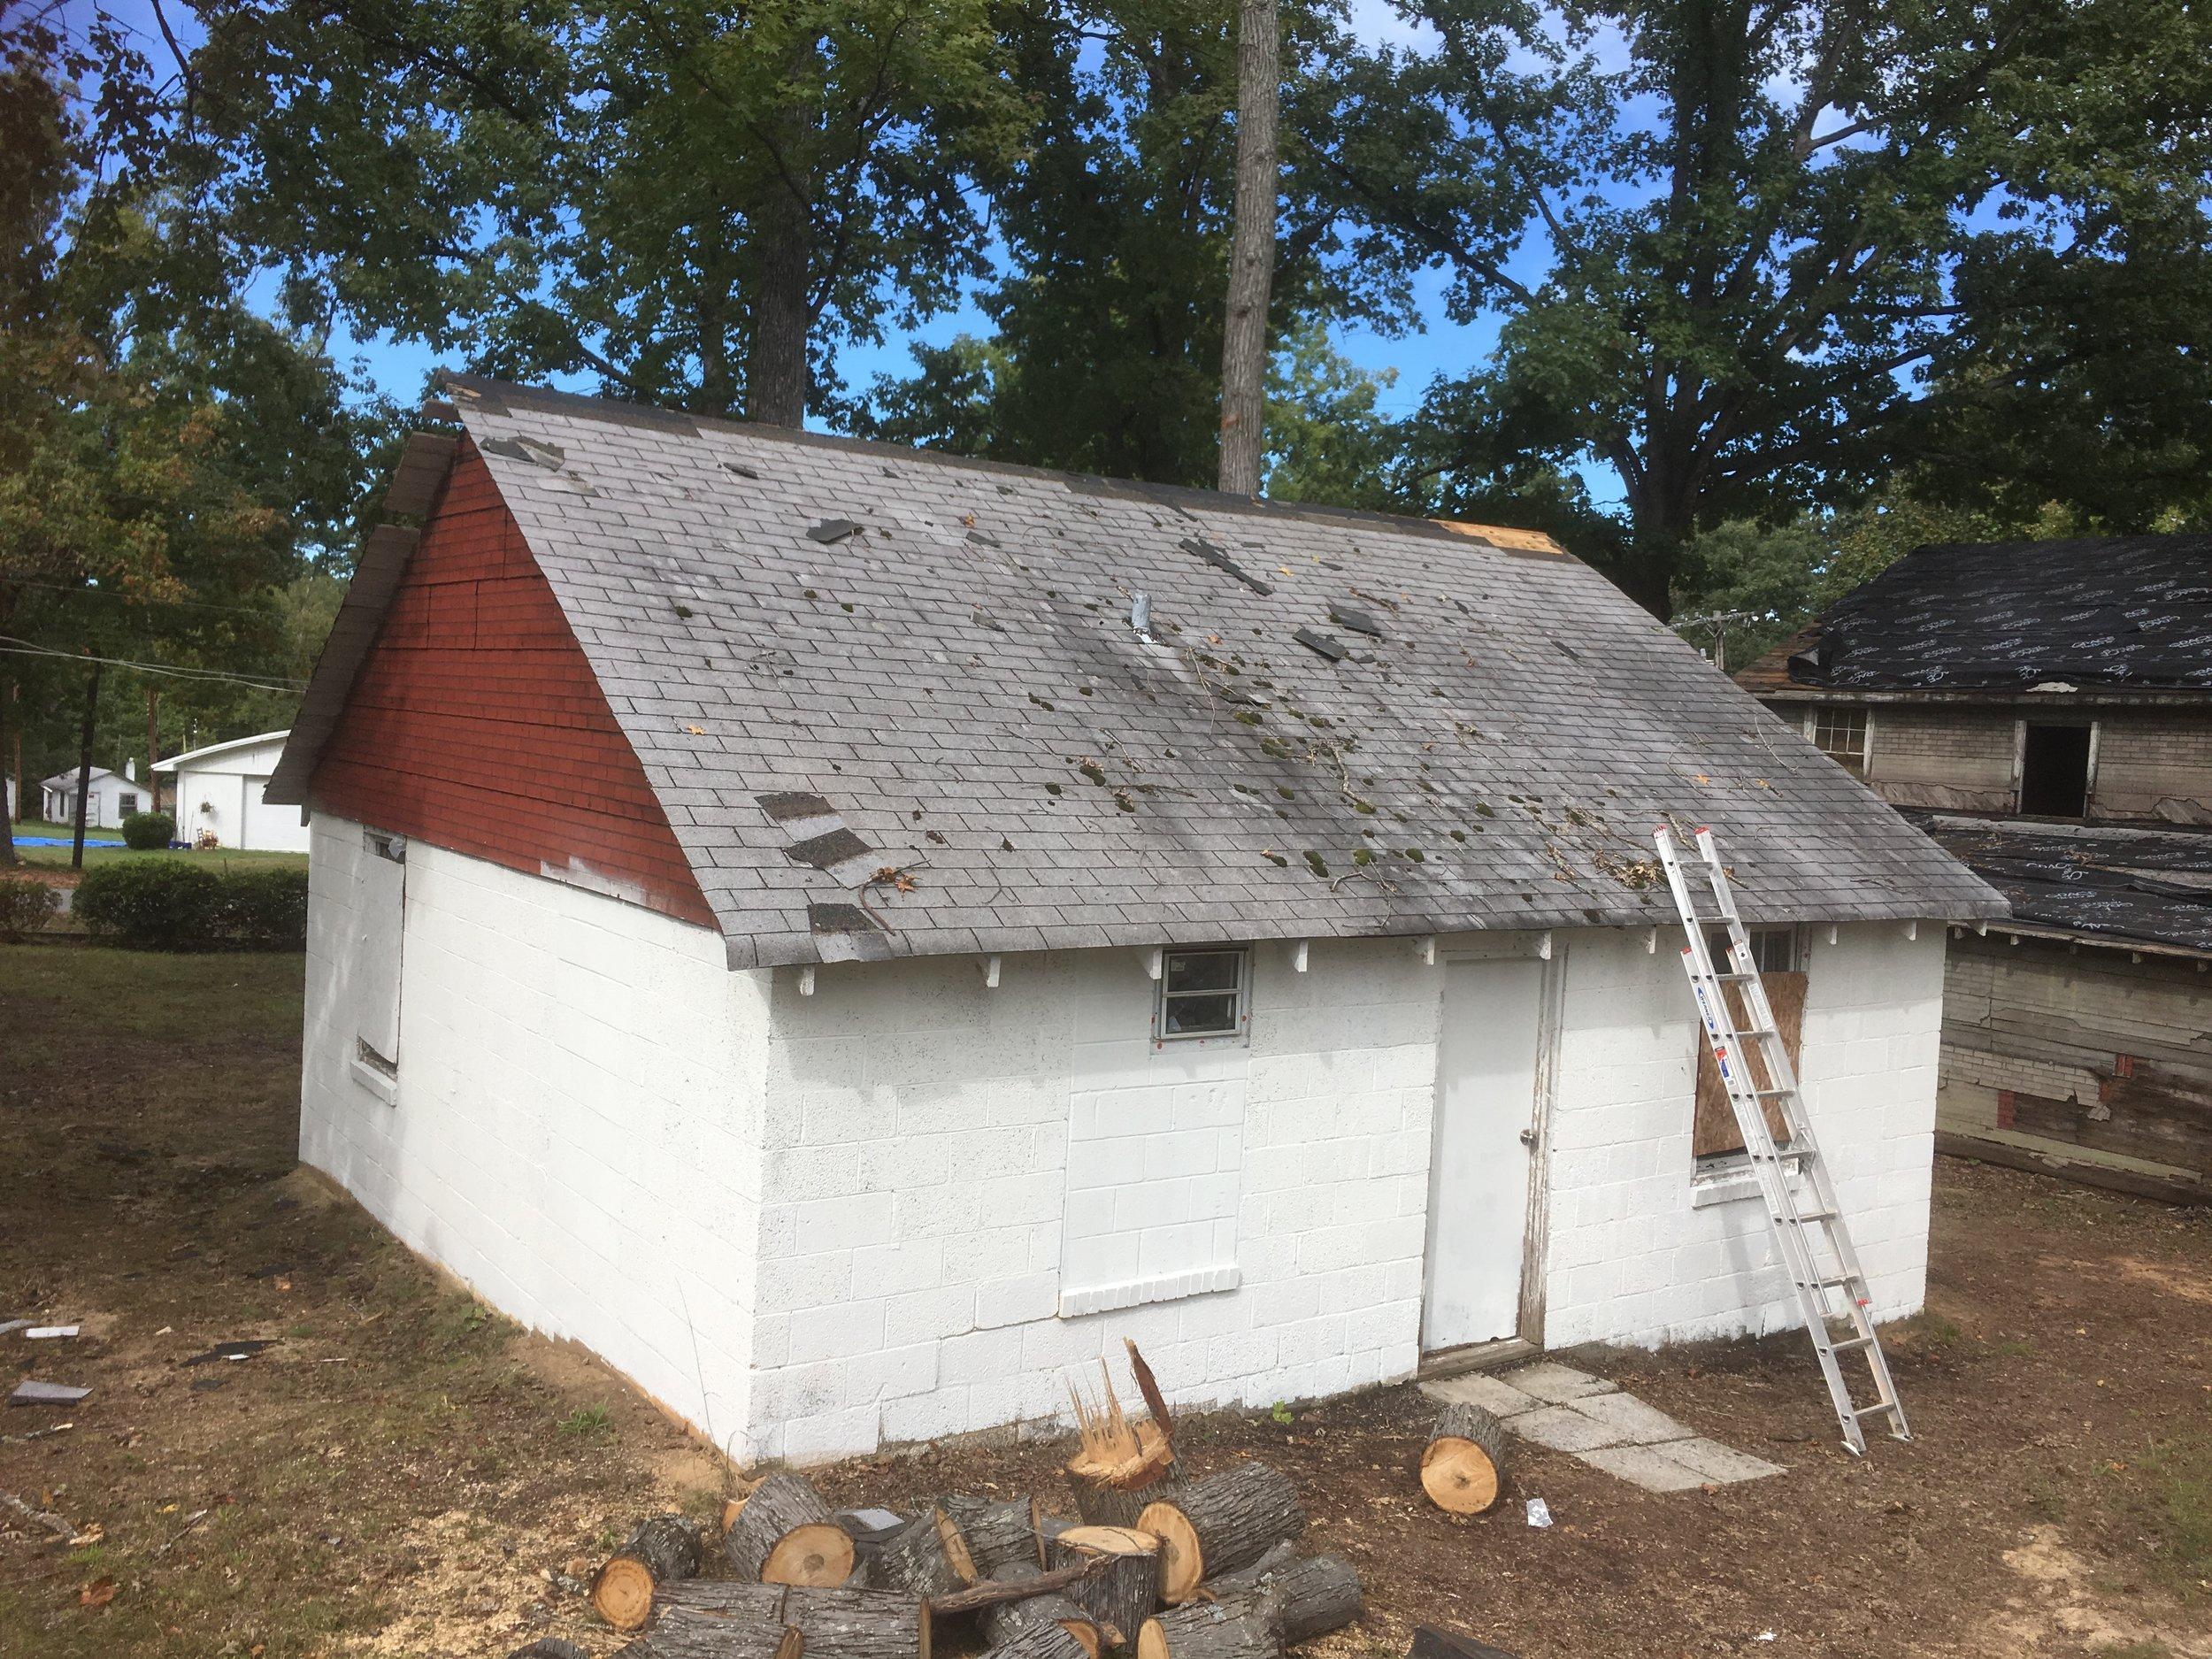 Caretaker Cottage Pre-Construction